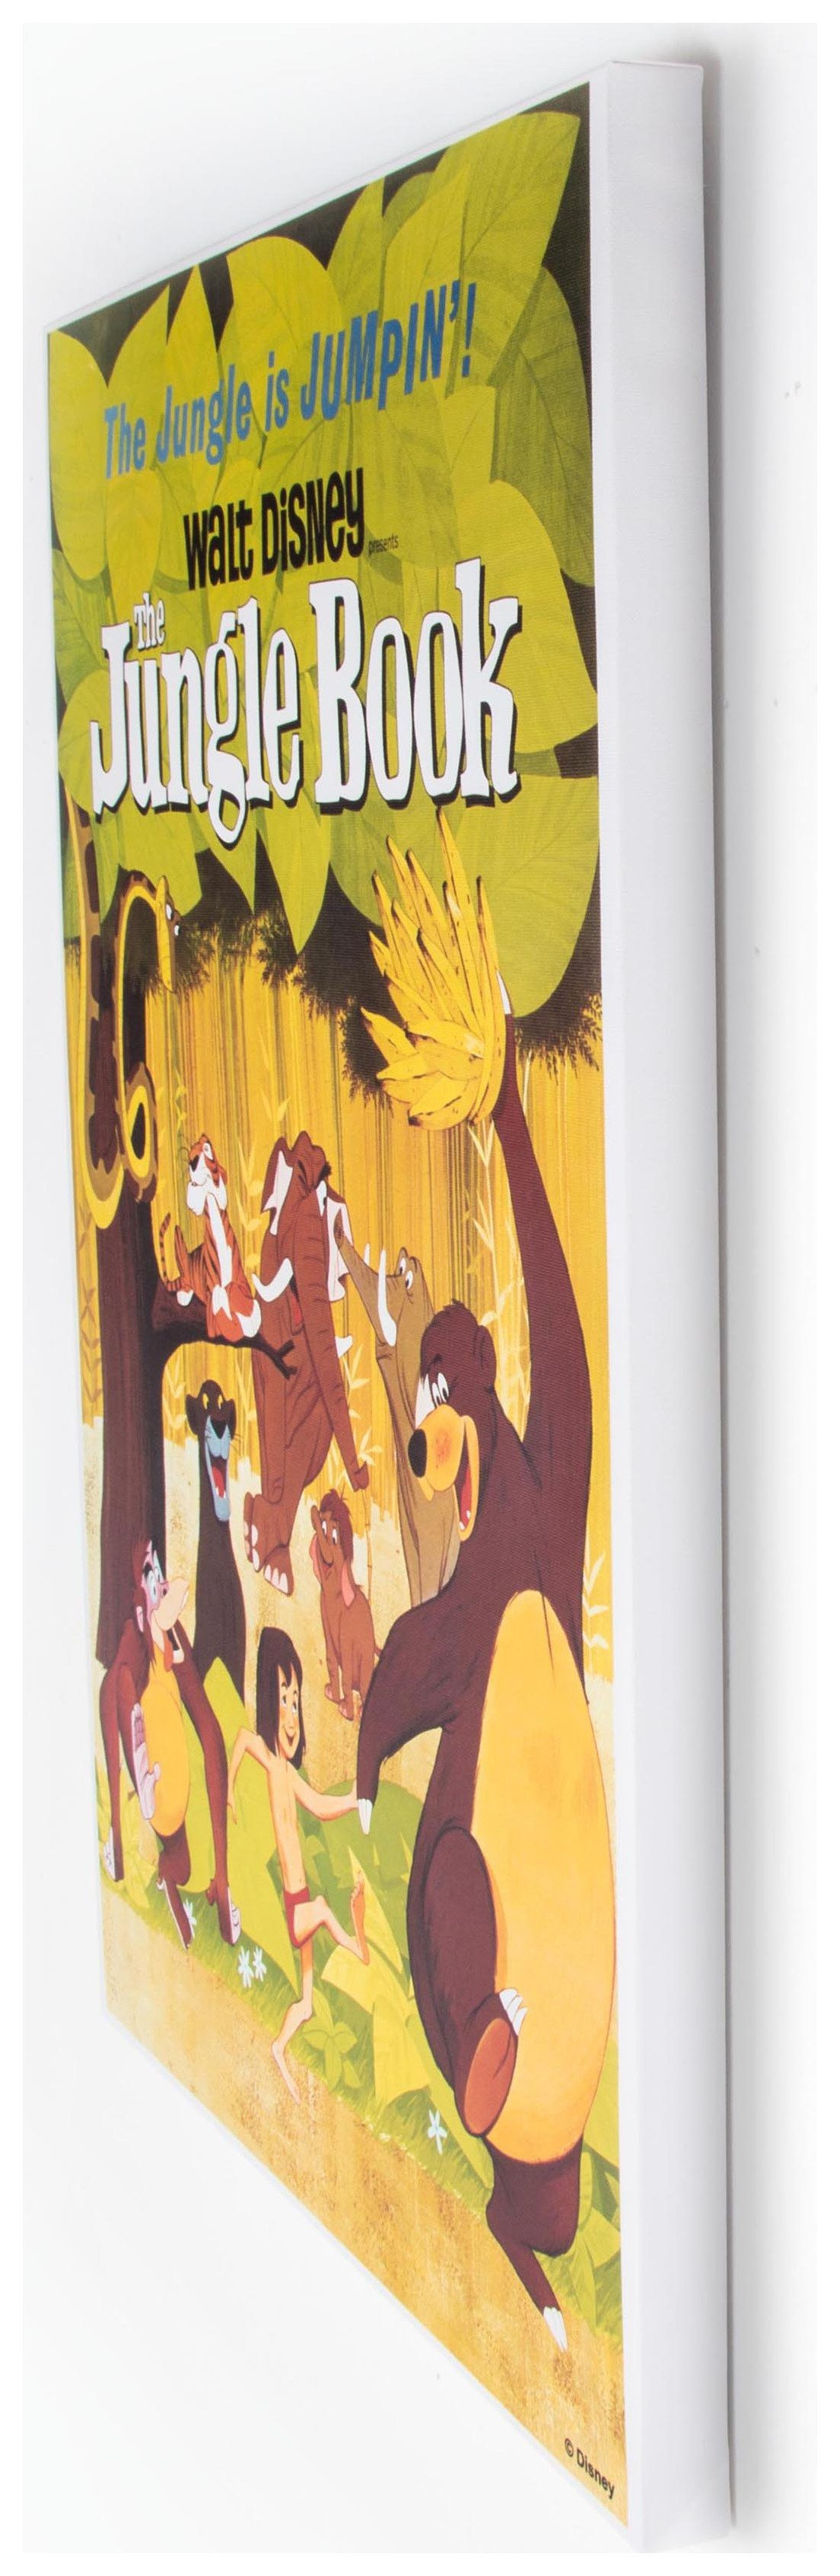 graham-brown-jungle-book-1967-vintage-poster